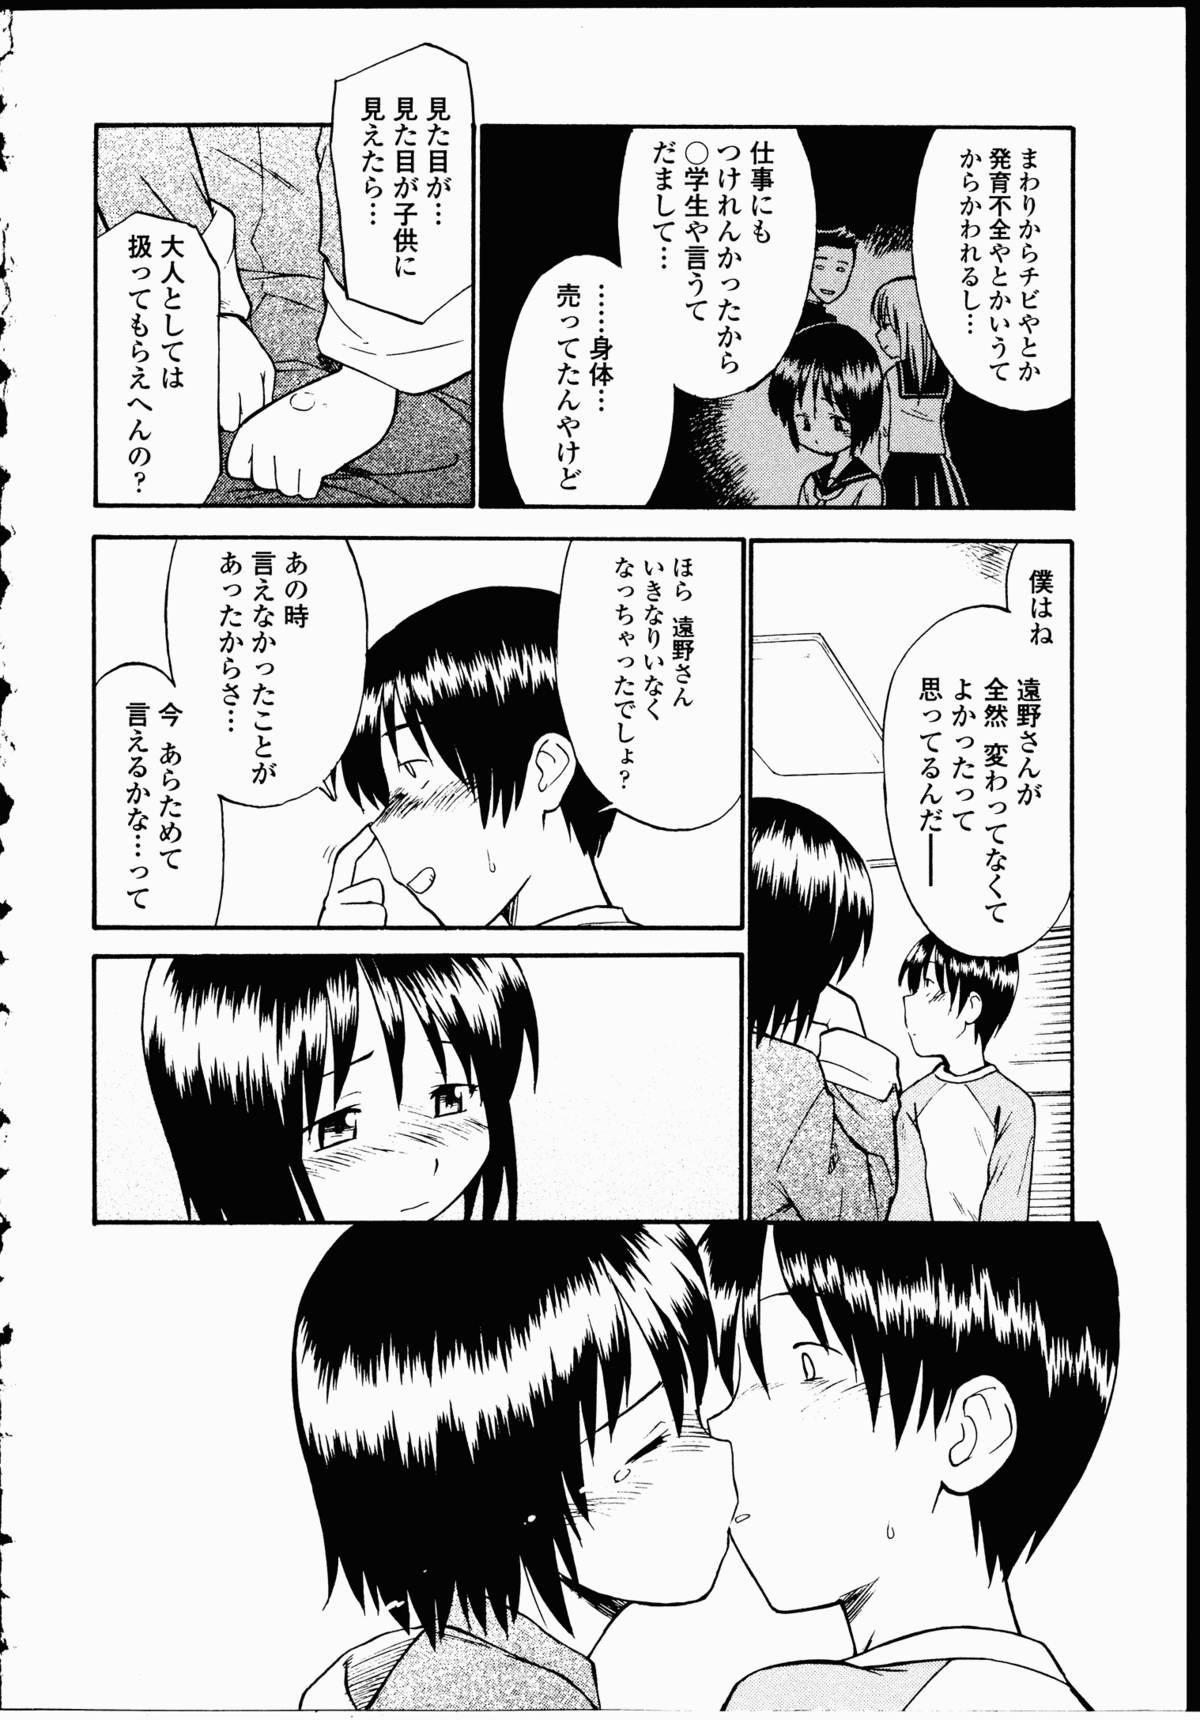 Youen Hyaku Monogatari 112